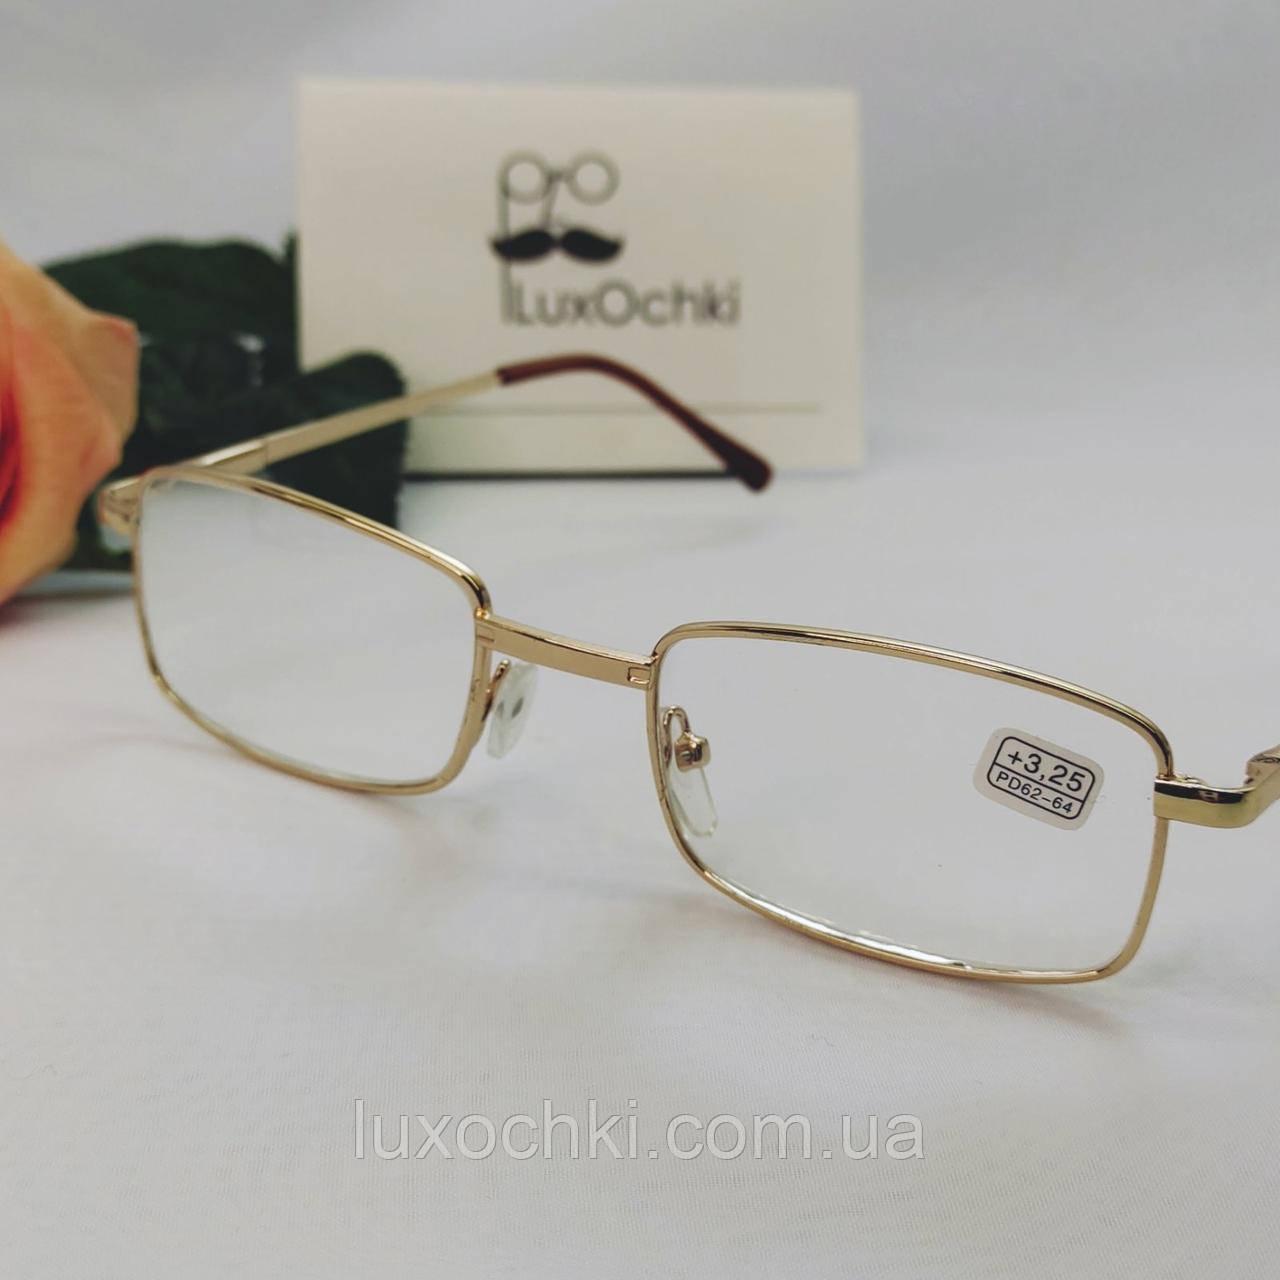 Готові окуляри для корекції зору з диоптрией +3.25 в металевій оправі скло